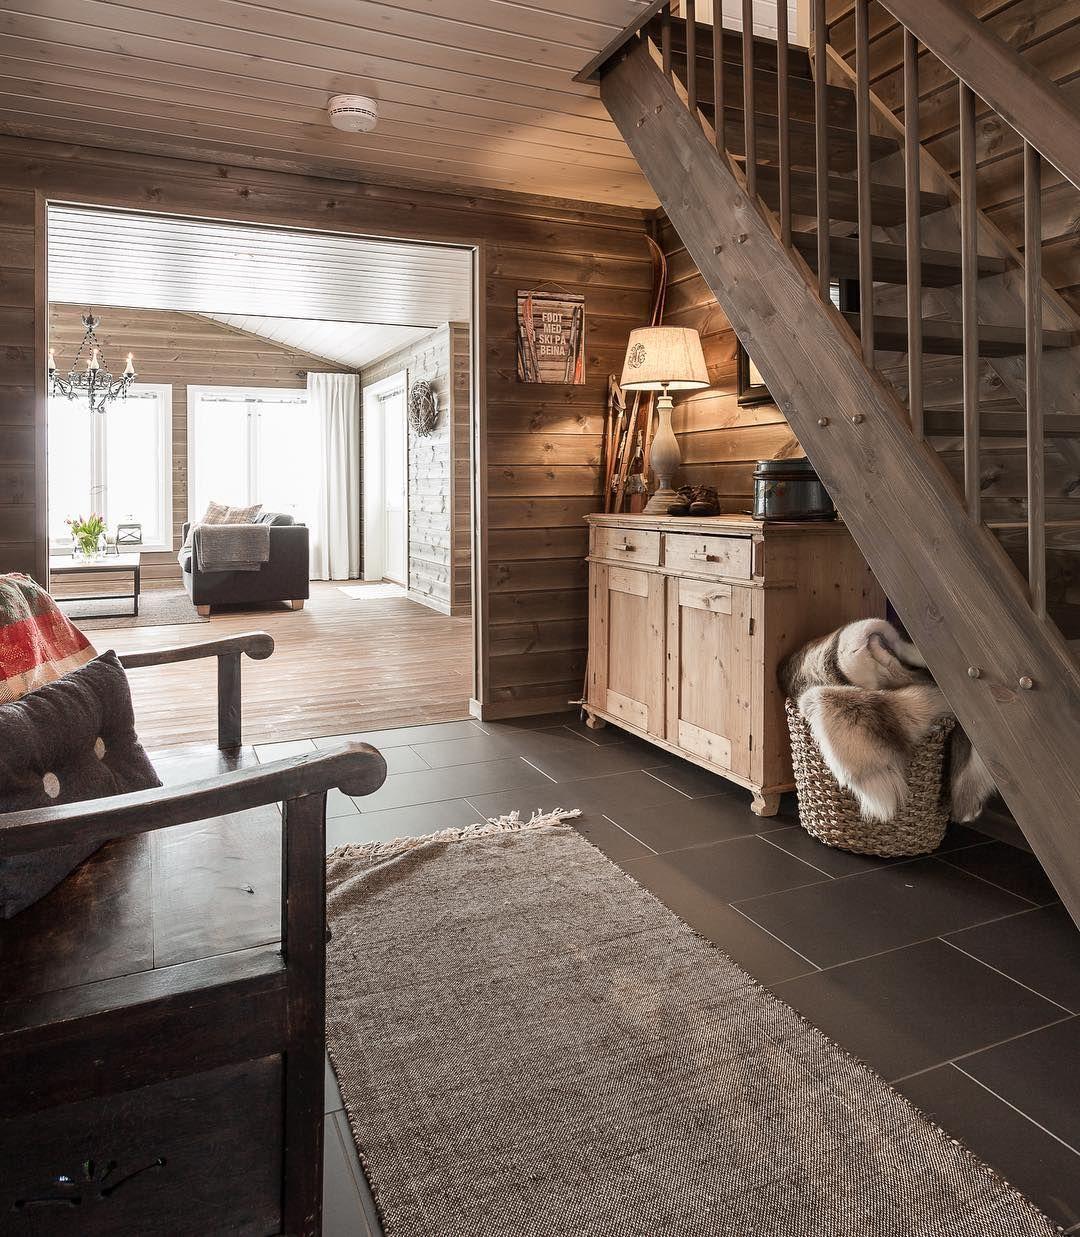 """Photo of Familiehytta on Instagram: """"Lun og koselig entré😊 Gjenbrukte møbler tilfører hytta rikelig med sjel😌 #familiehytta #hytteinspirasjon #hytteliv #hyttetid #hytte…"""""""